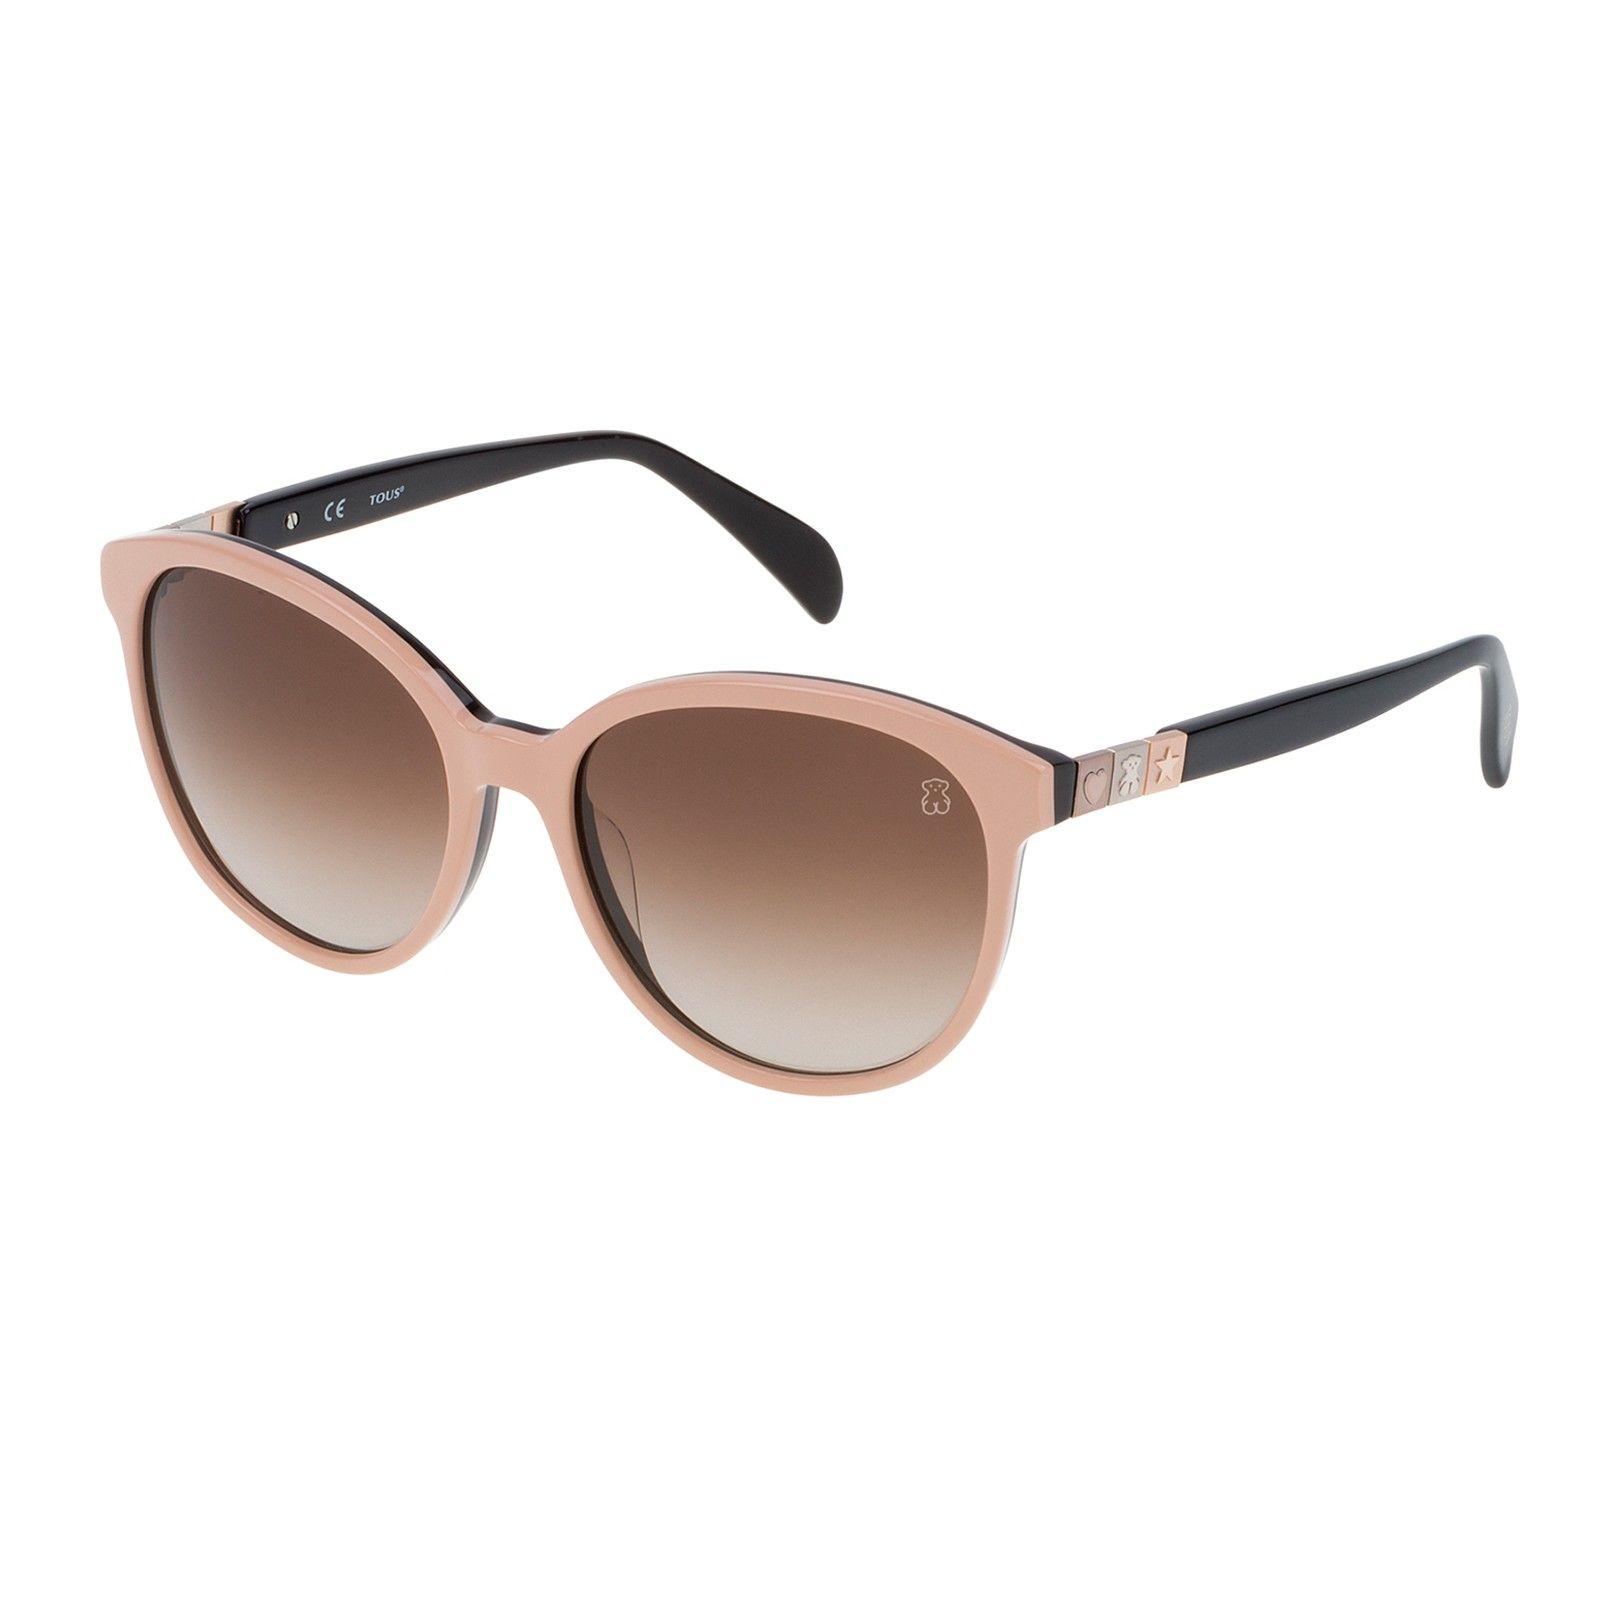 Gafas de sol Tille Cat Eye   Orgazam   Sunnies, Sunglasses, Fashion a0b98eea63